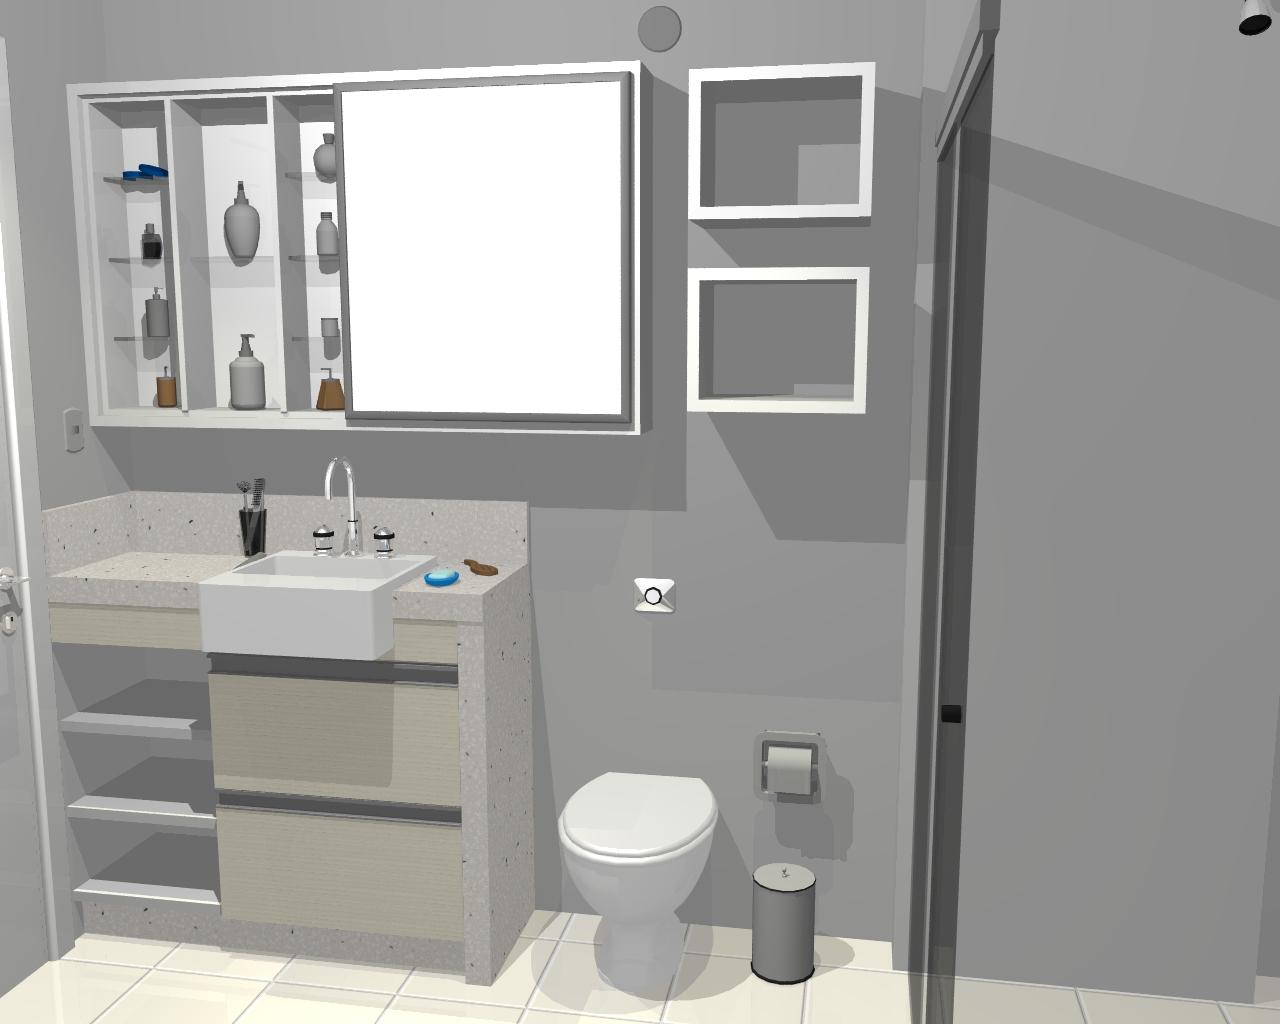 Armários com espelhos para banheiros Decorando Casas #215E8B 1280 1024